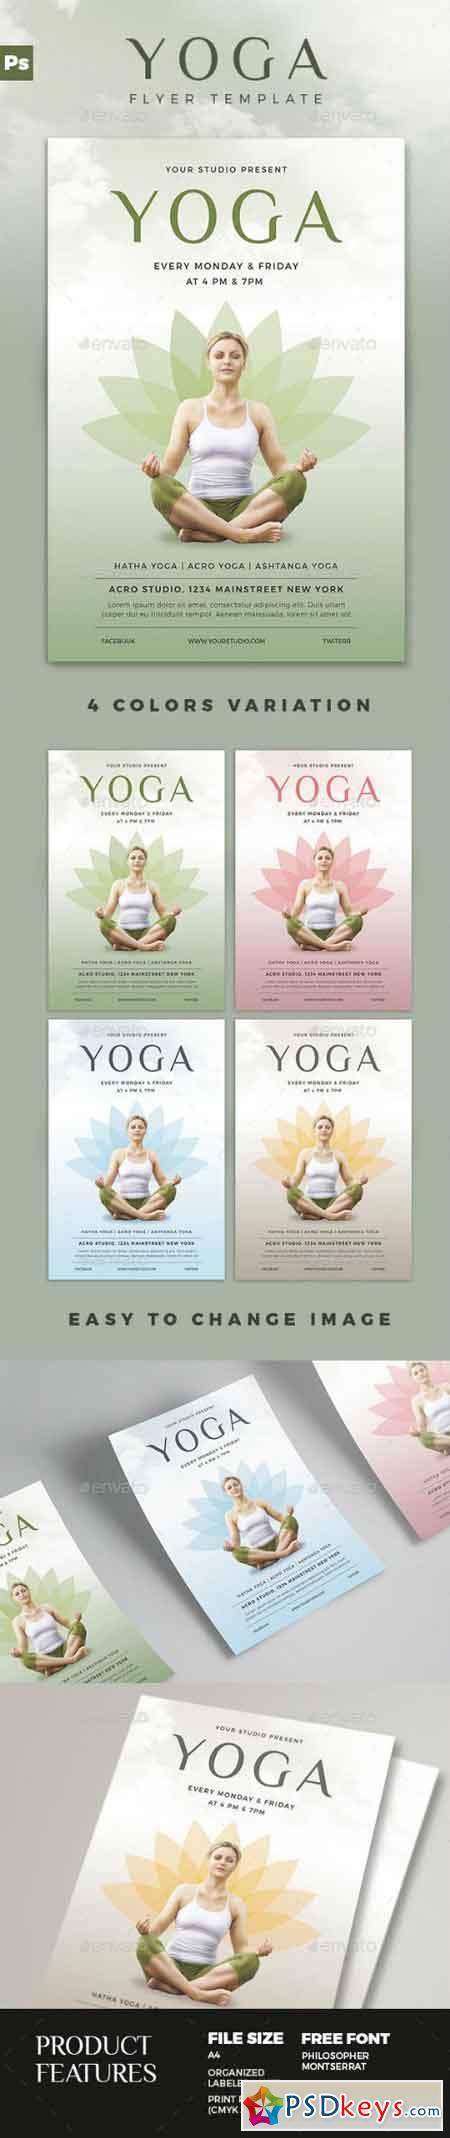 Yoga Flyer 16831994 | Psd | Pinterest | Yoga, Print templates and ...